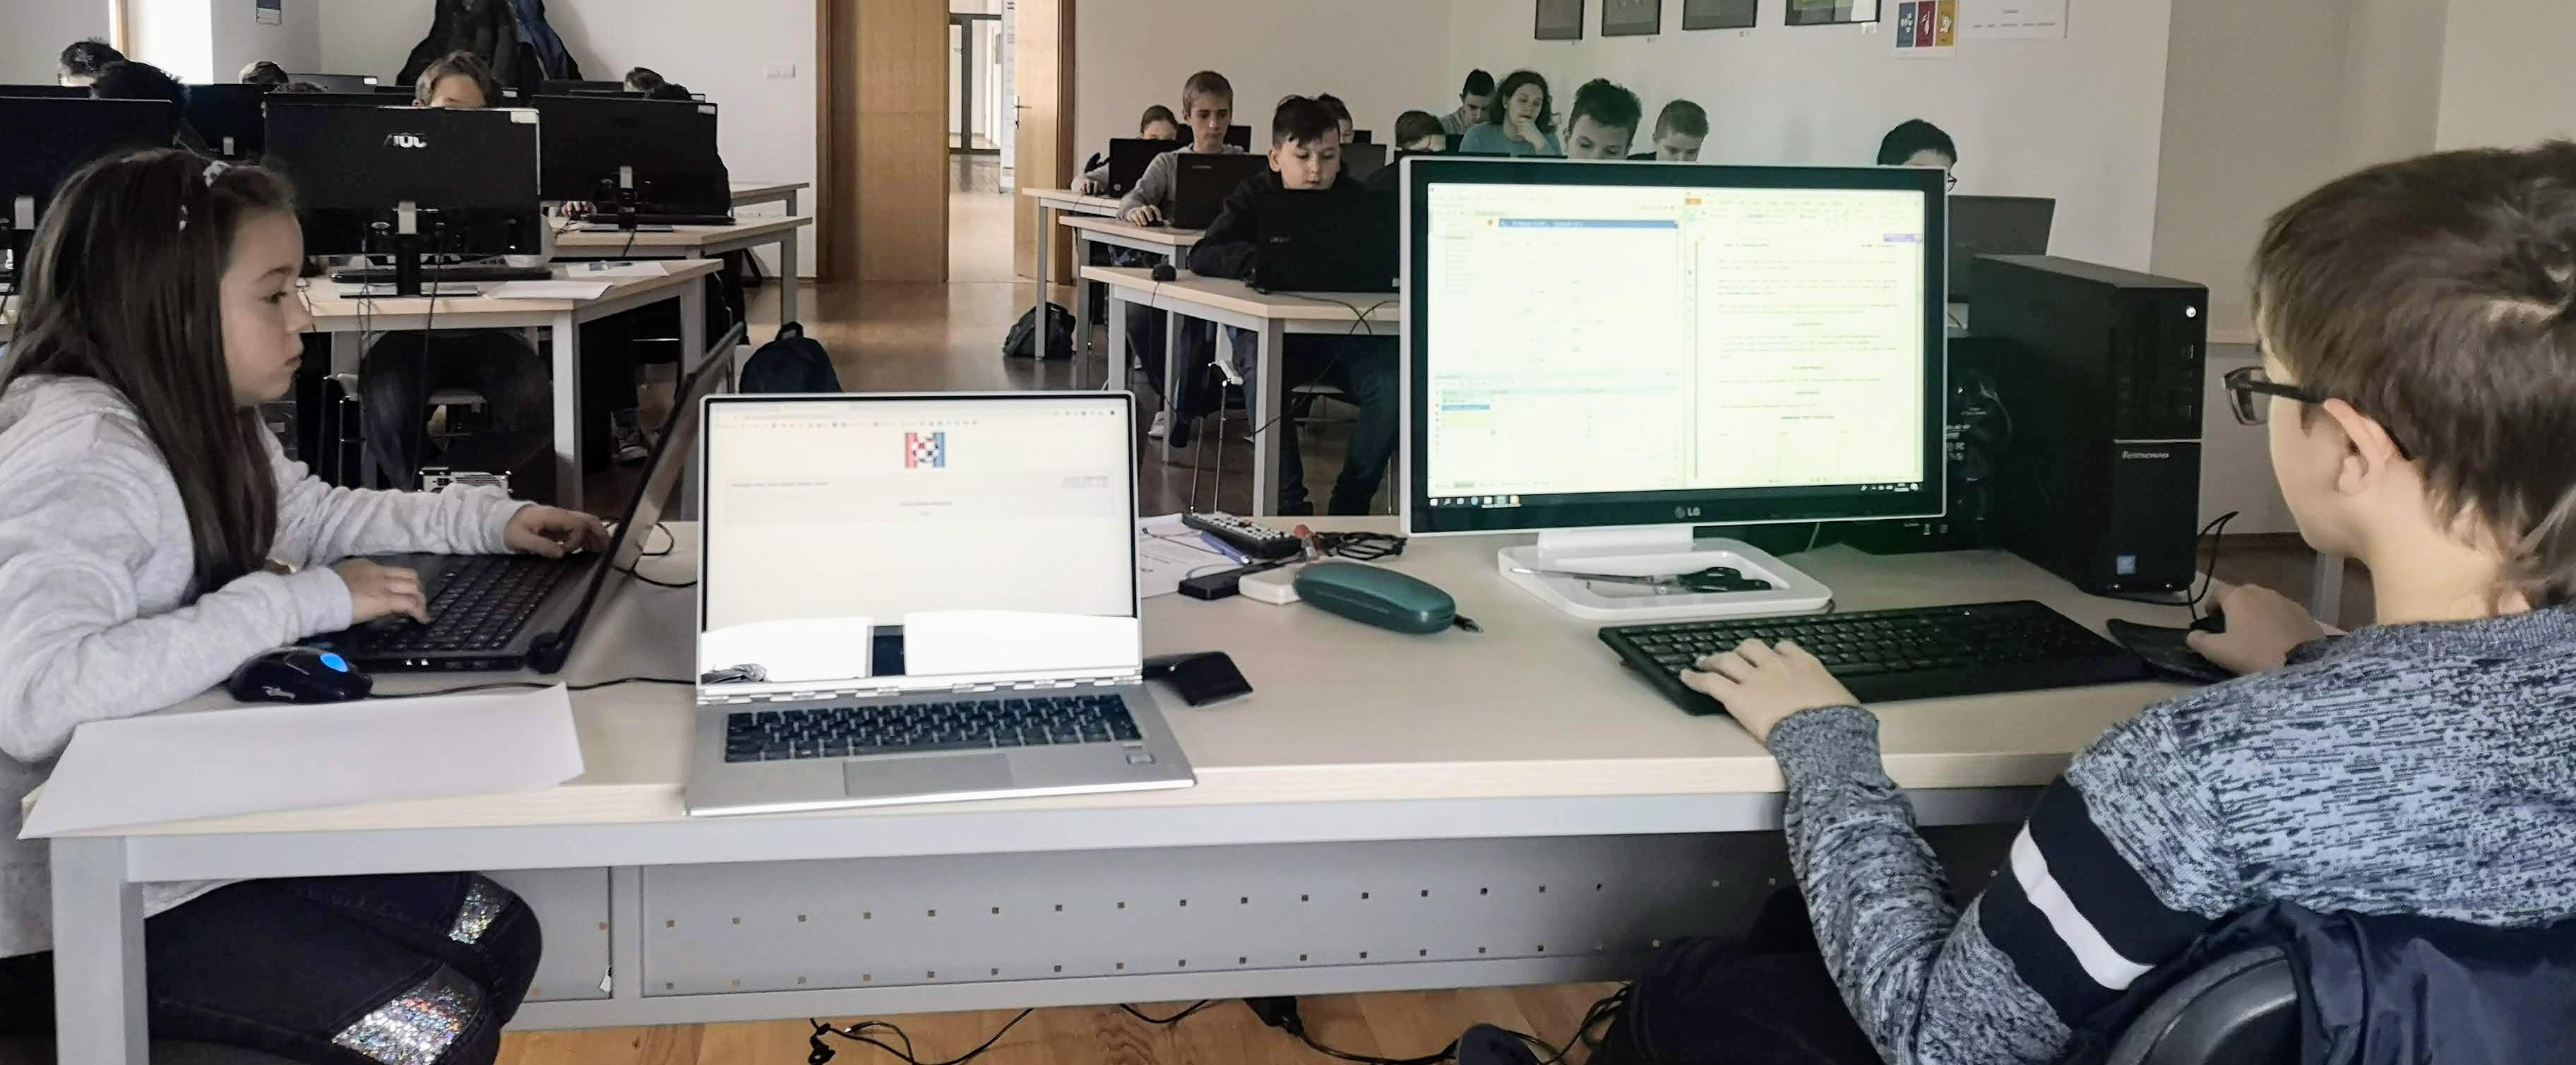 Iznimni rezultati u 3. kolu Hrvatskog otvorenog natjecanja u informatici